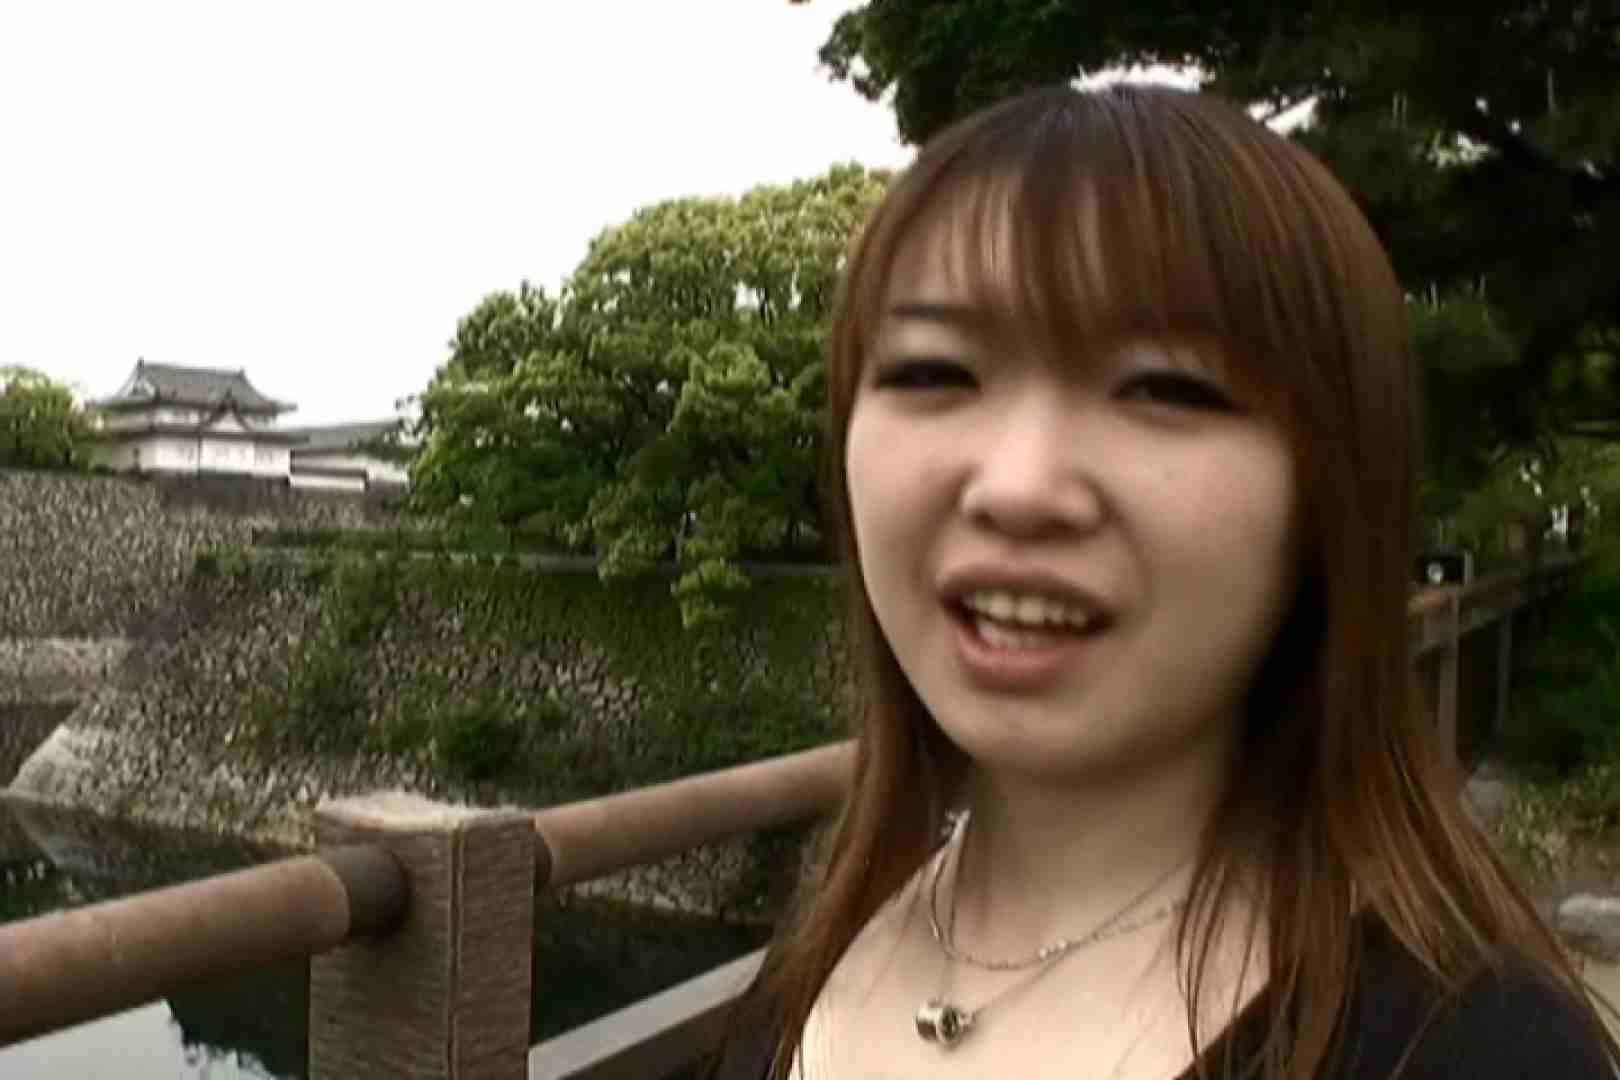 無修正おまんこ動画 ハイビジョンパンチラ オッテQさんの追跡パンチラ階段編Vol.04 大奥